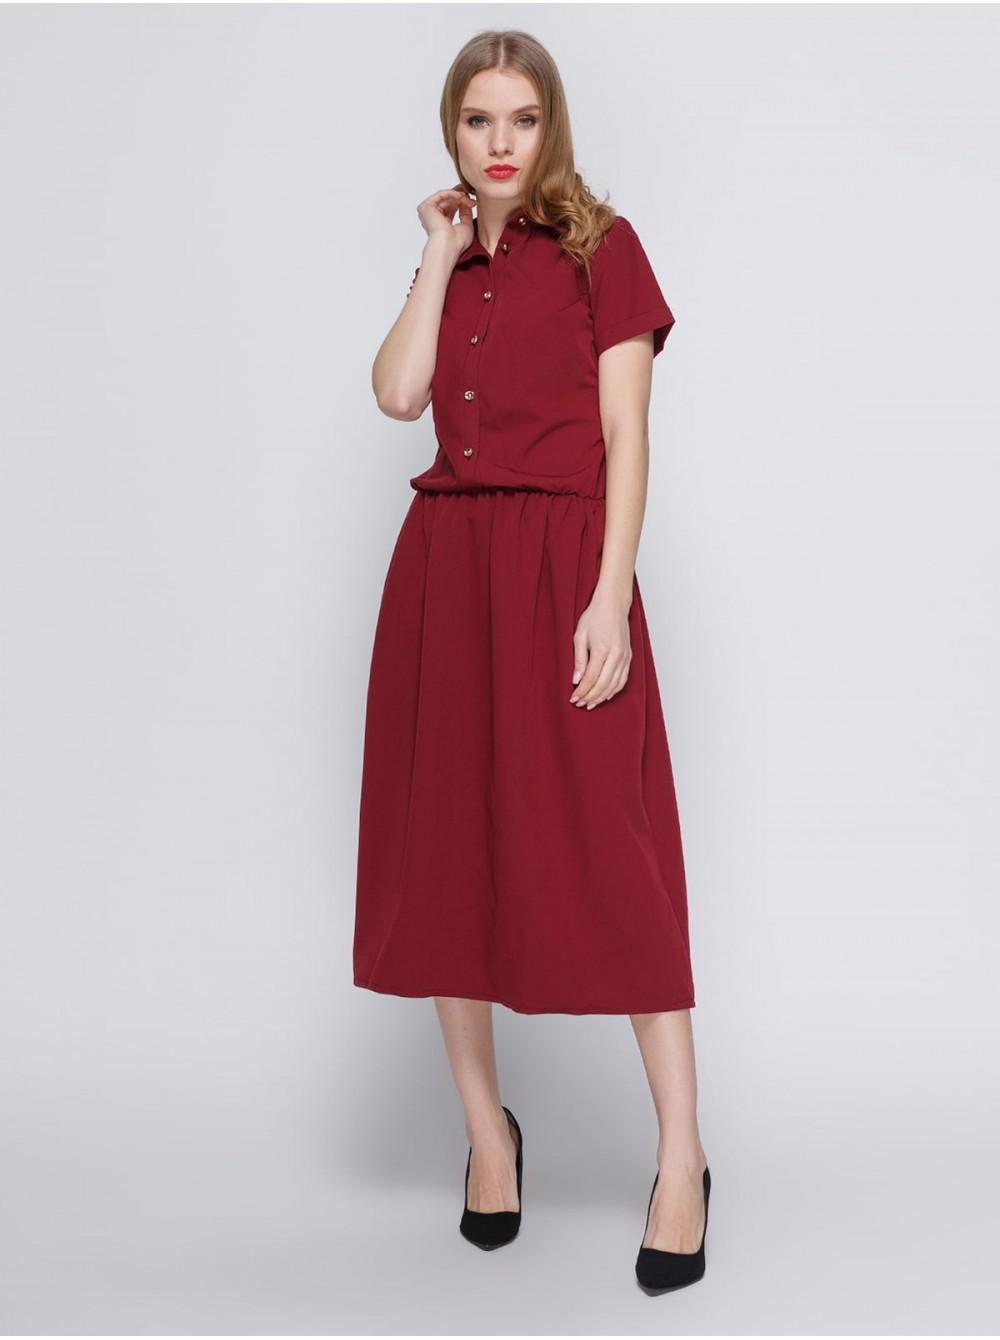 23fddb8f531 Платье цвета марсала с удобным поясом на резинке. Опт